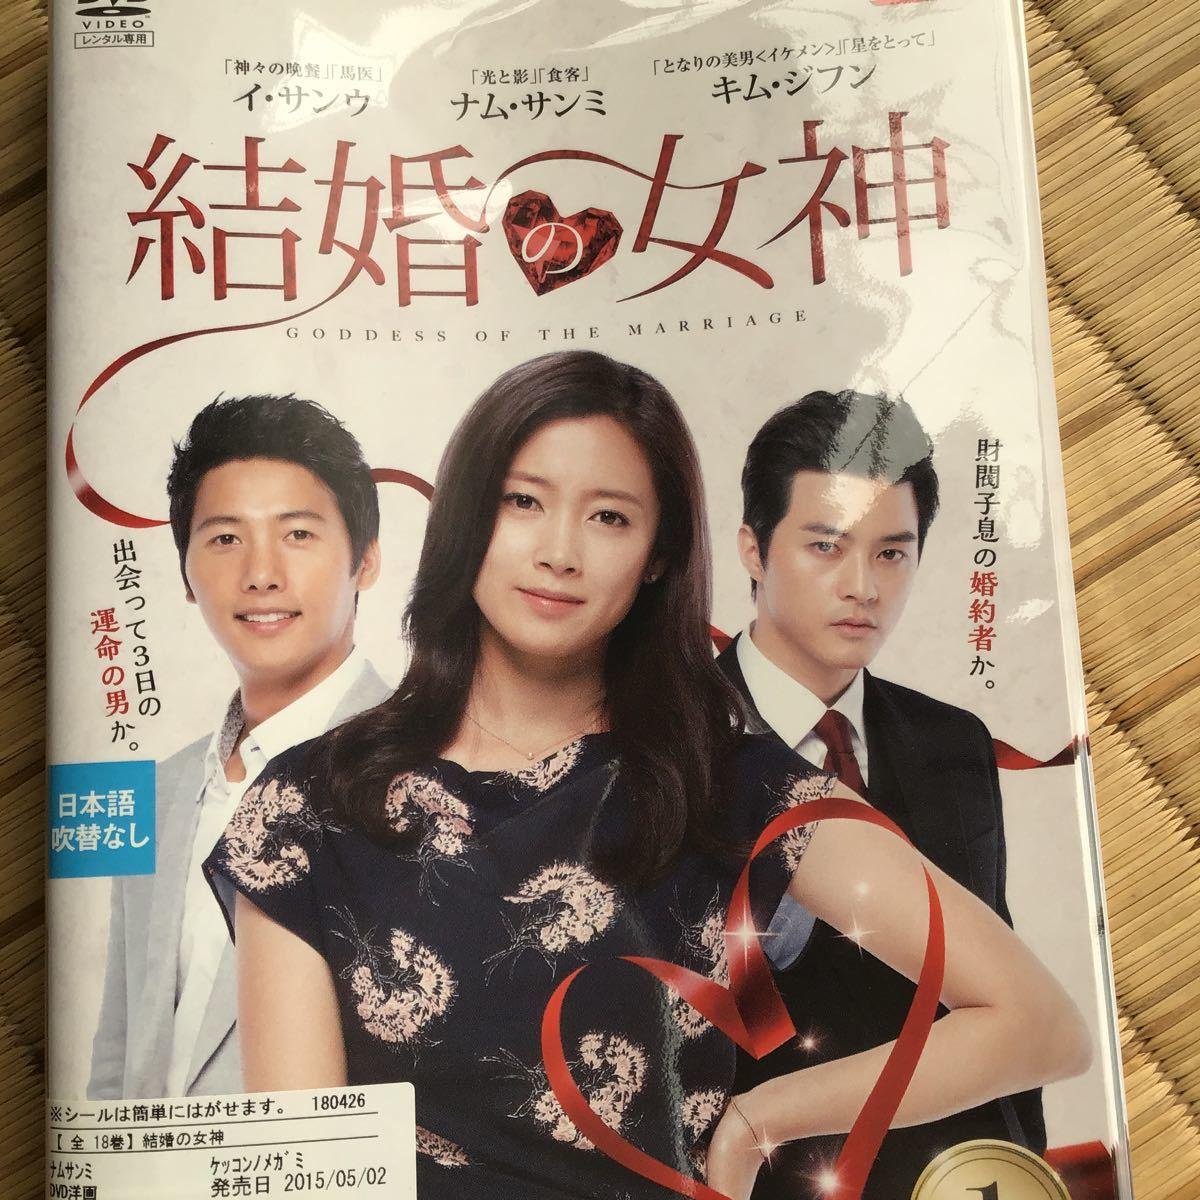 結婚の女神 ★レンタル落ち ★全巻セット ★中古 DVD  ★韓国ドラマ ★キム・ジフン